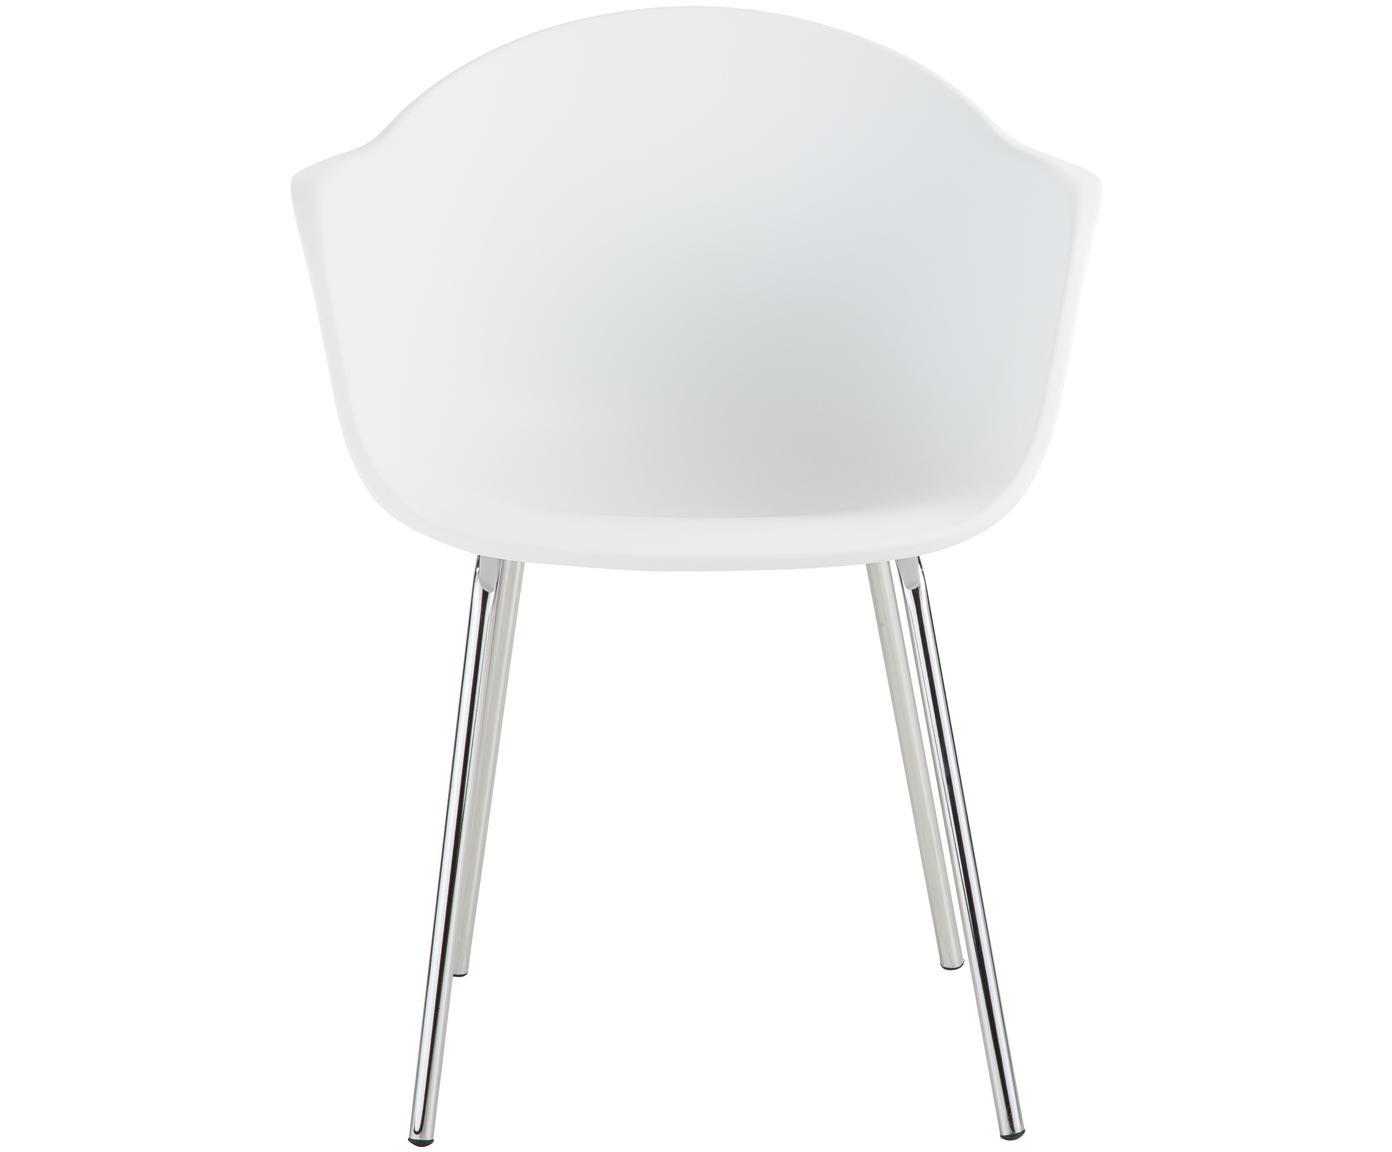 Krzesło z podłokietnikami z tworzywa sztucznego Claire, Nogi: metal galwanizowany, Siedzisko: biały Nogi: odcienie srebrnego, błyszczący, S 54 x G 60 cm